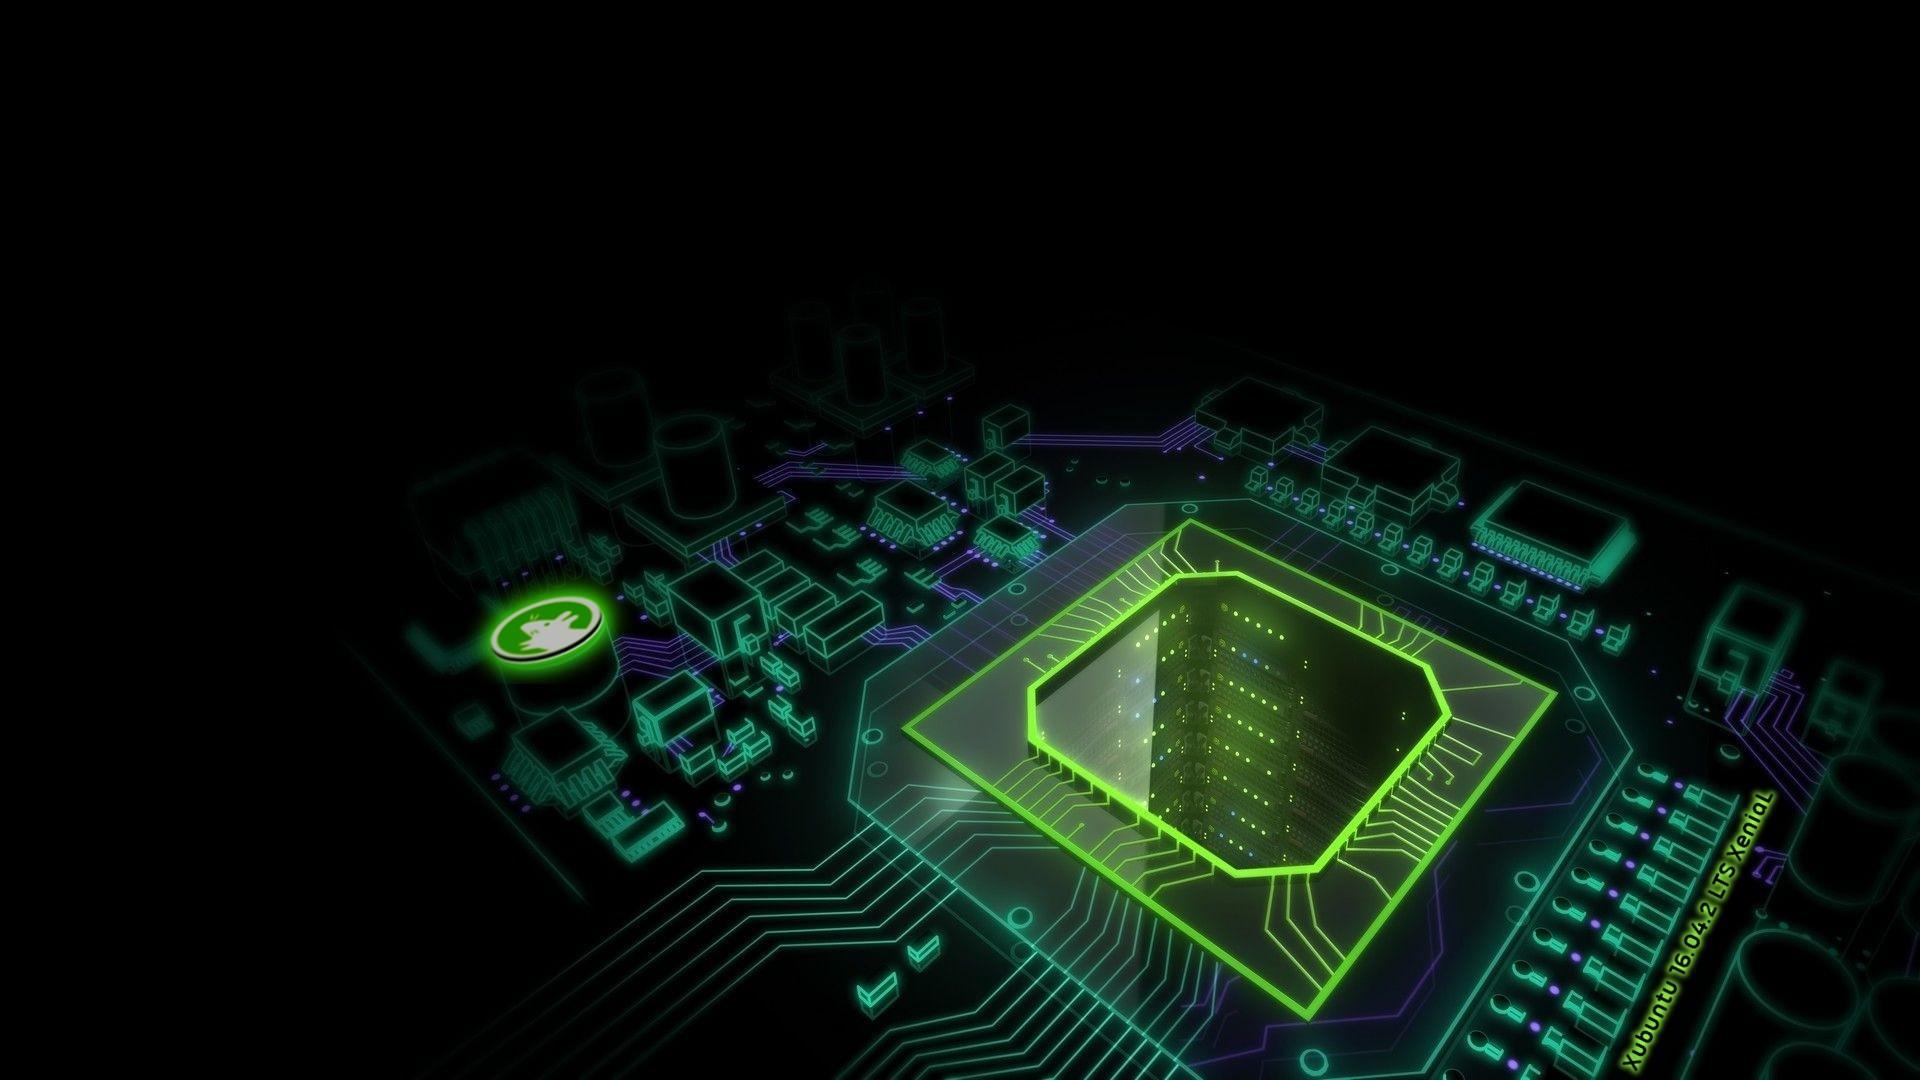 Circuit Board hd wallpaper download